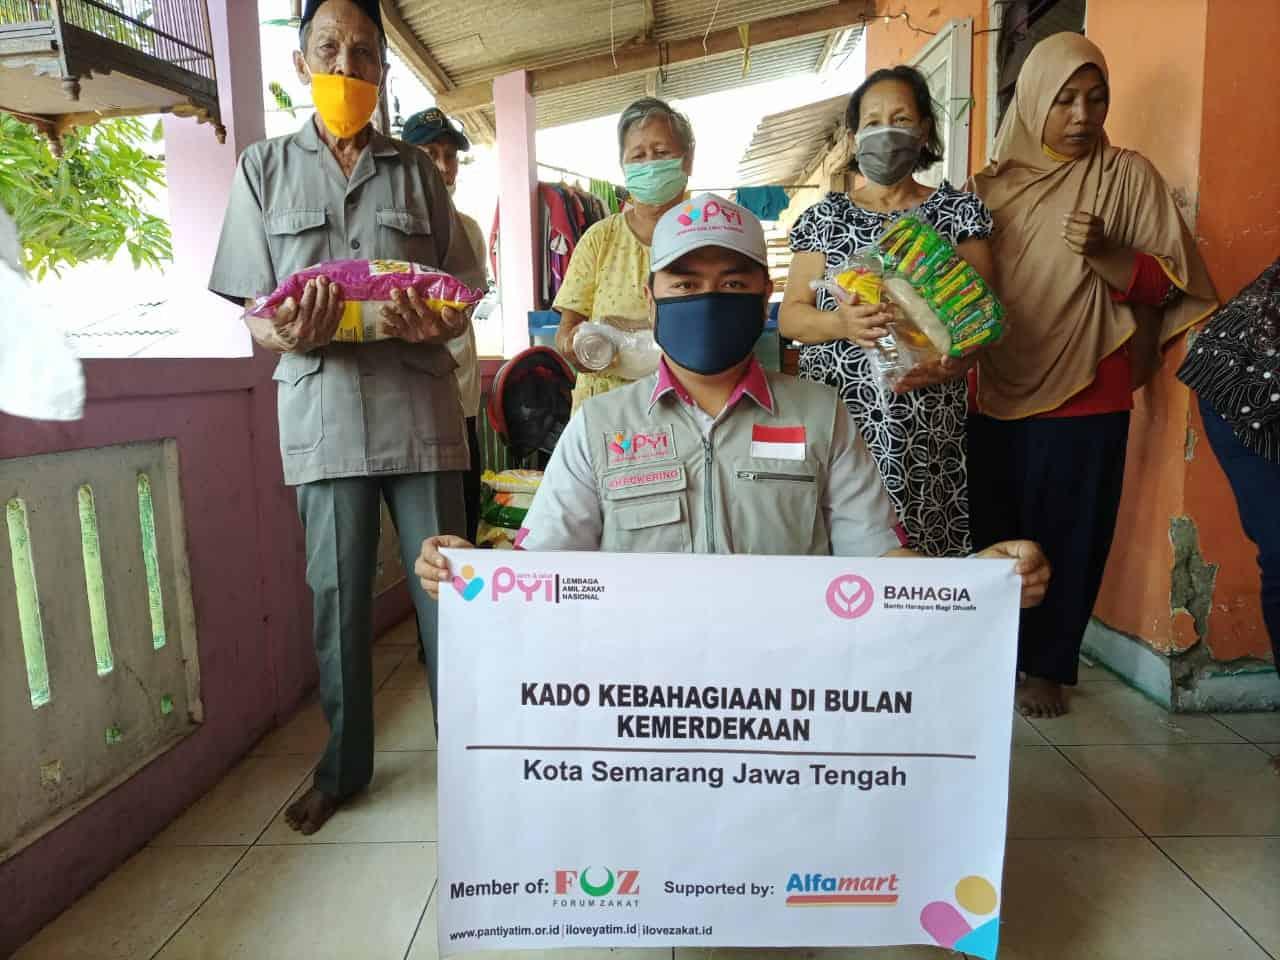 LAZ Panti Yatim Salurkan Kado Kebahagiaan Dibulan Kemerdekaan Di Kota Semarang